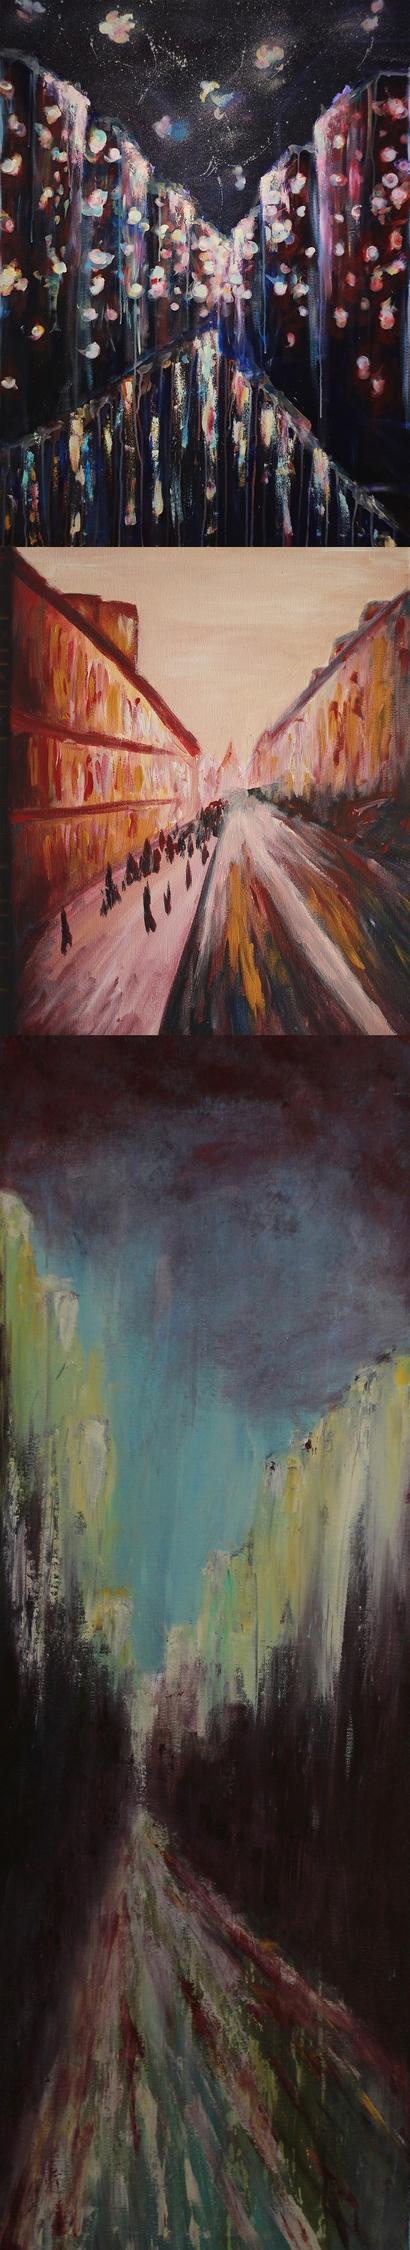 Neda Kerendian artist based Los - nedakerendian | ello